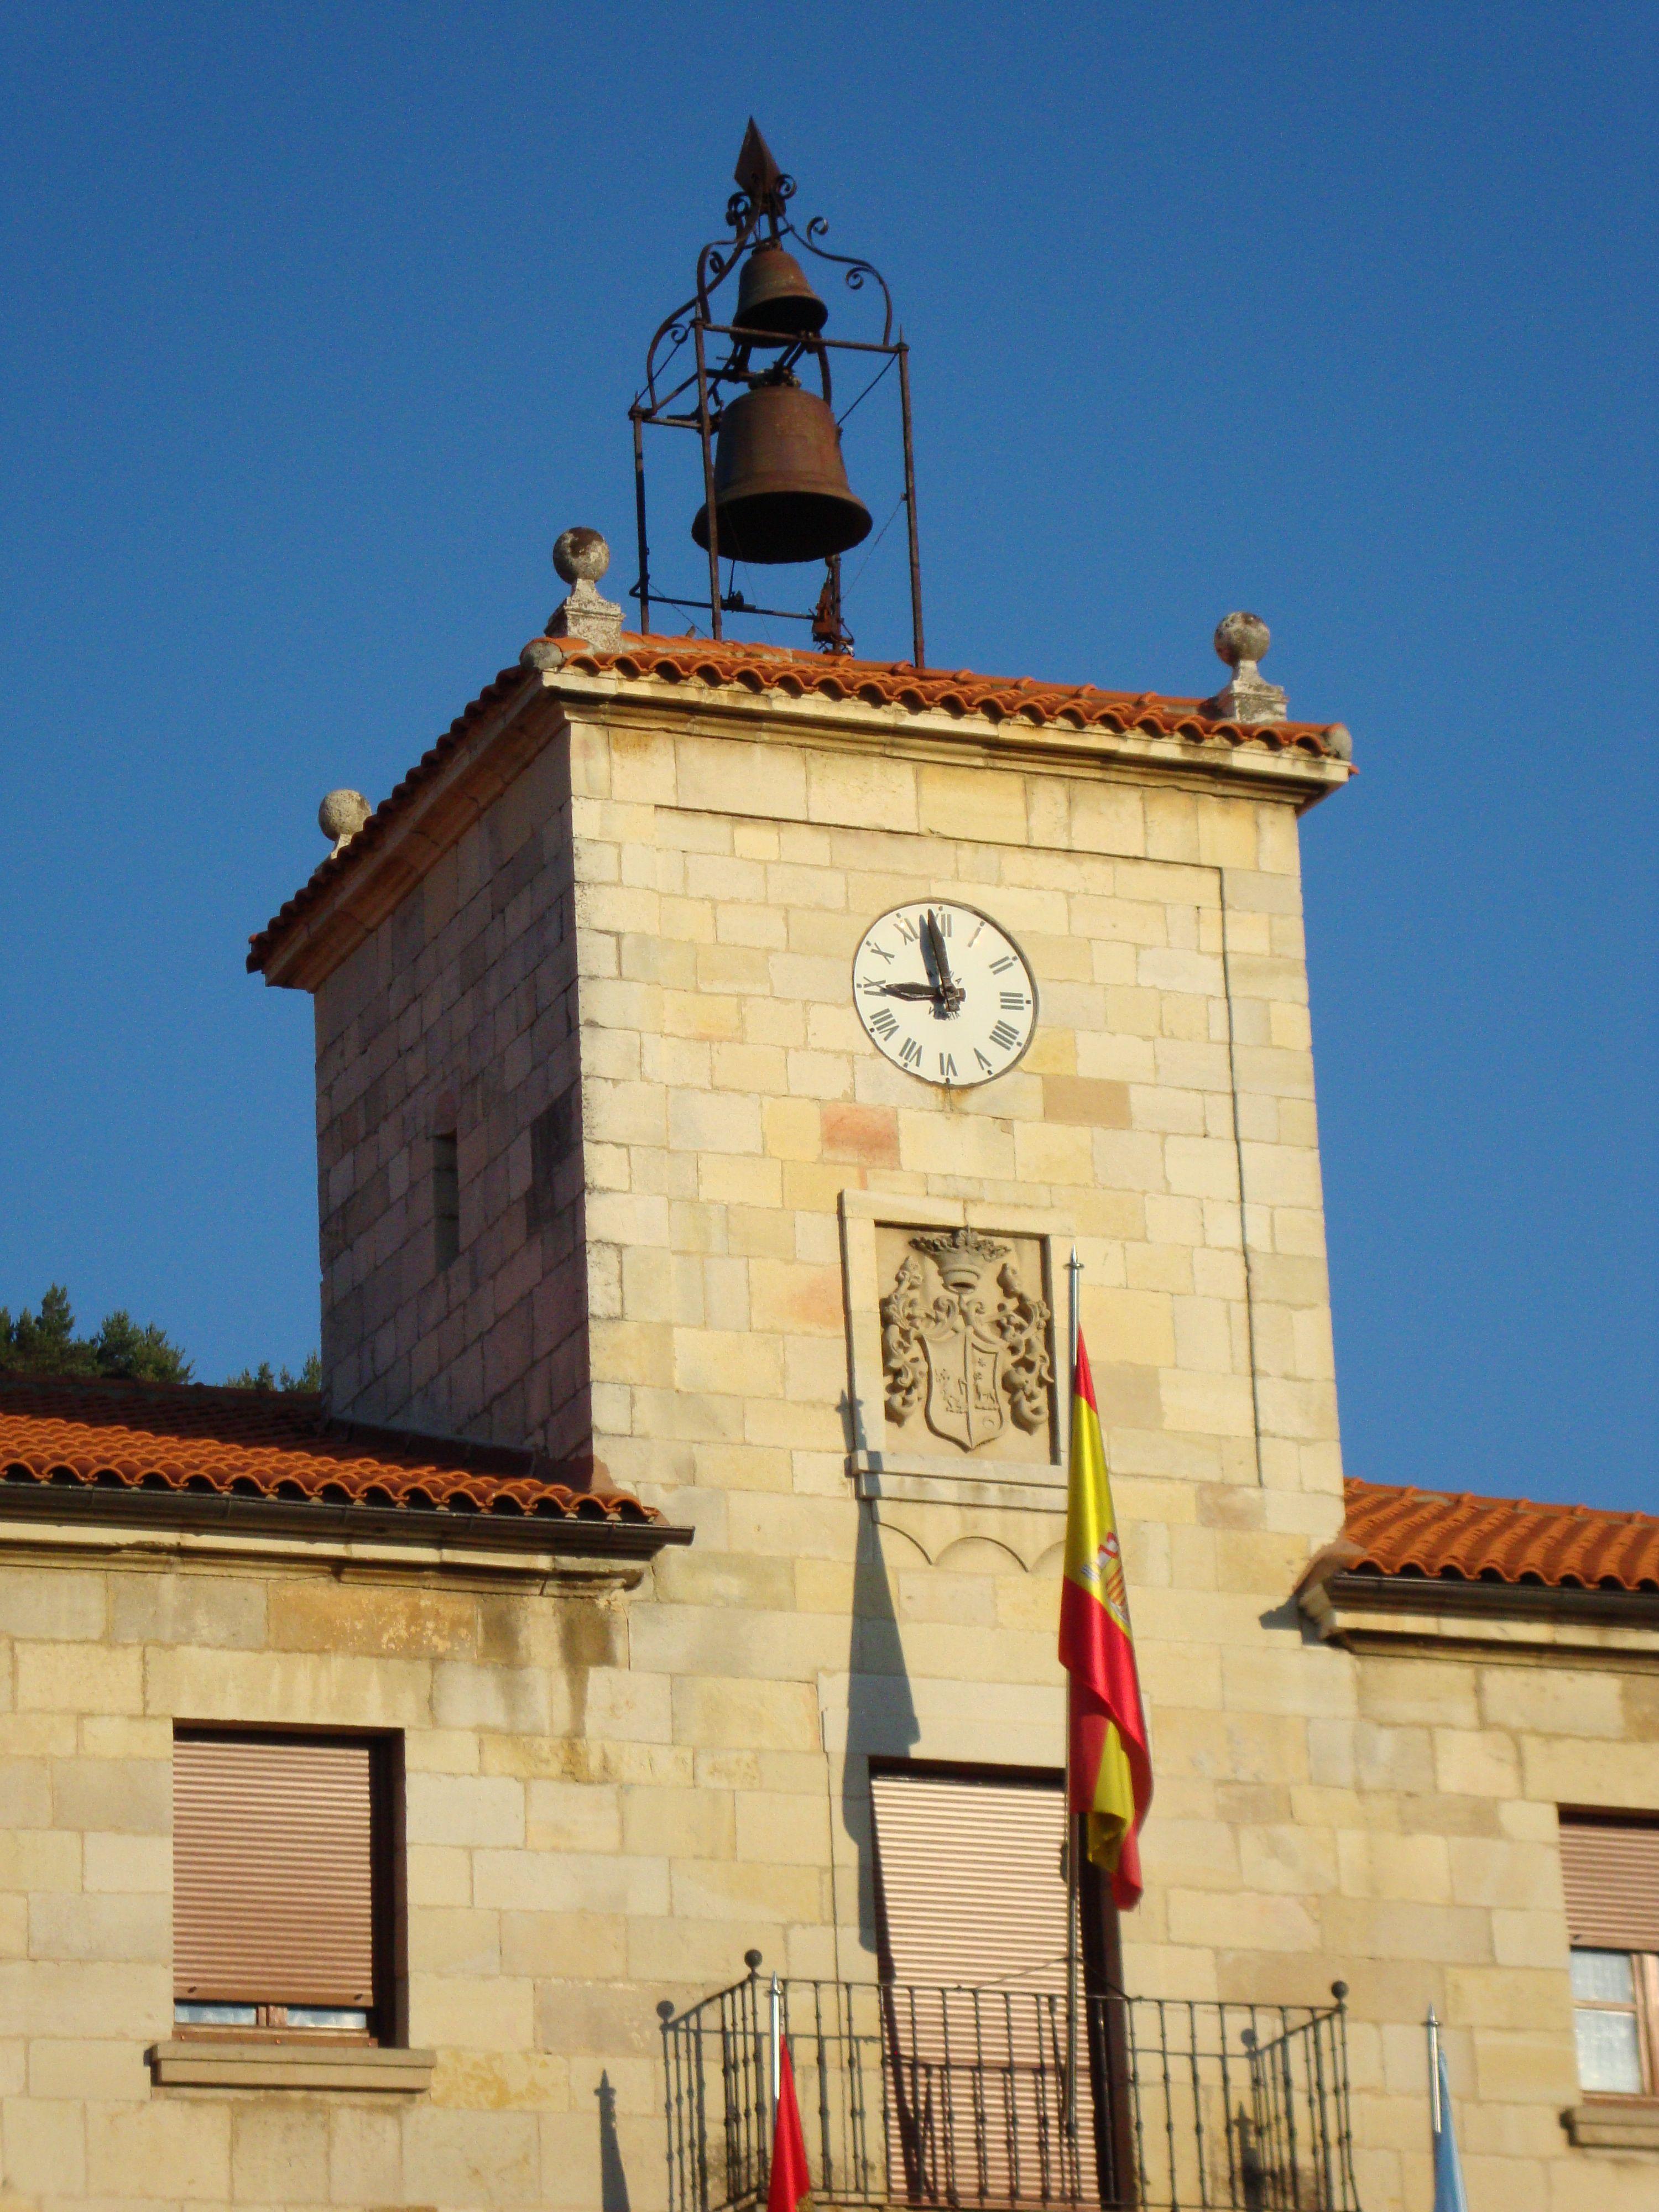 30 Ideas De Cervera De Pisuerga Palencia Iglesia Barroca Leon España Mapa Topografico